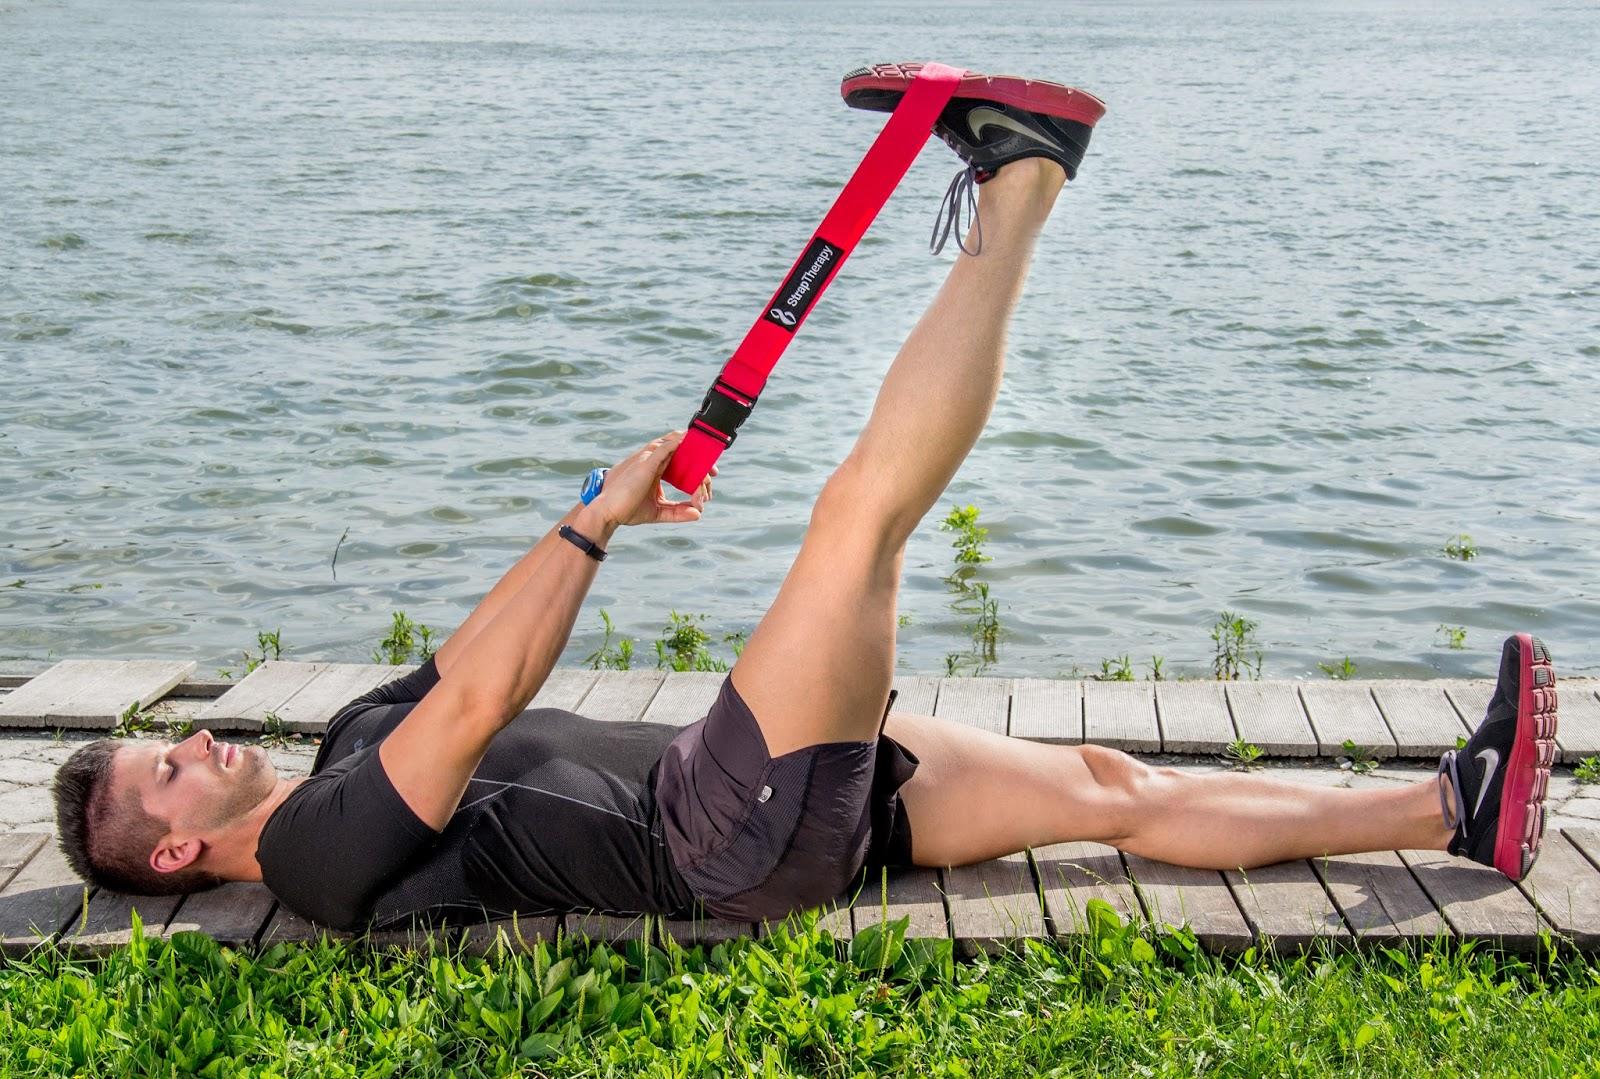 izmok és ízületek előkészítése sportolók számára a medence ízületeinek fájdalma